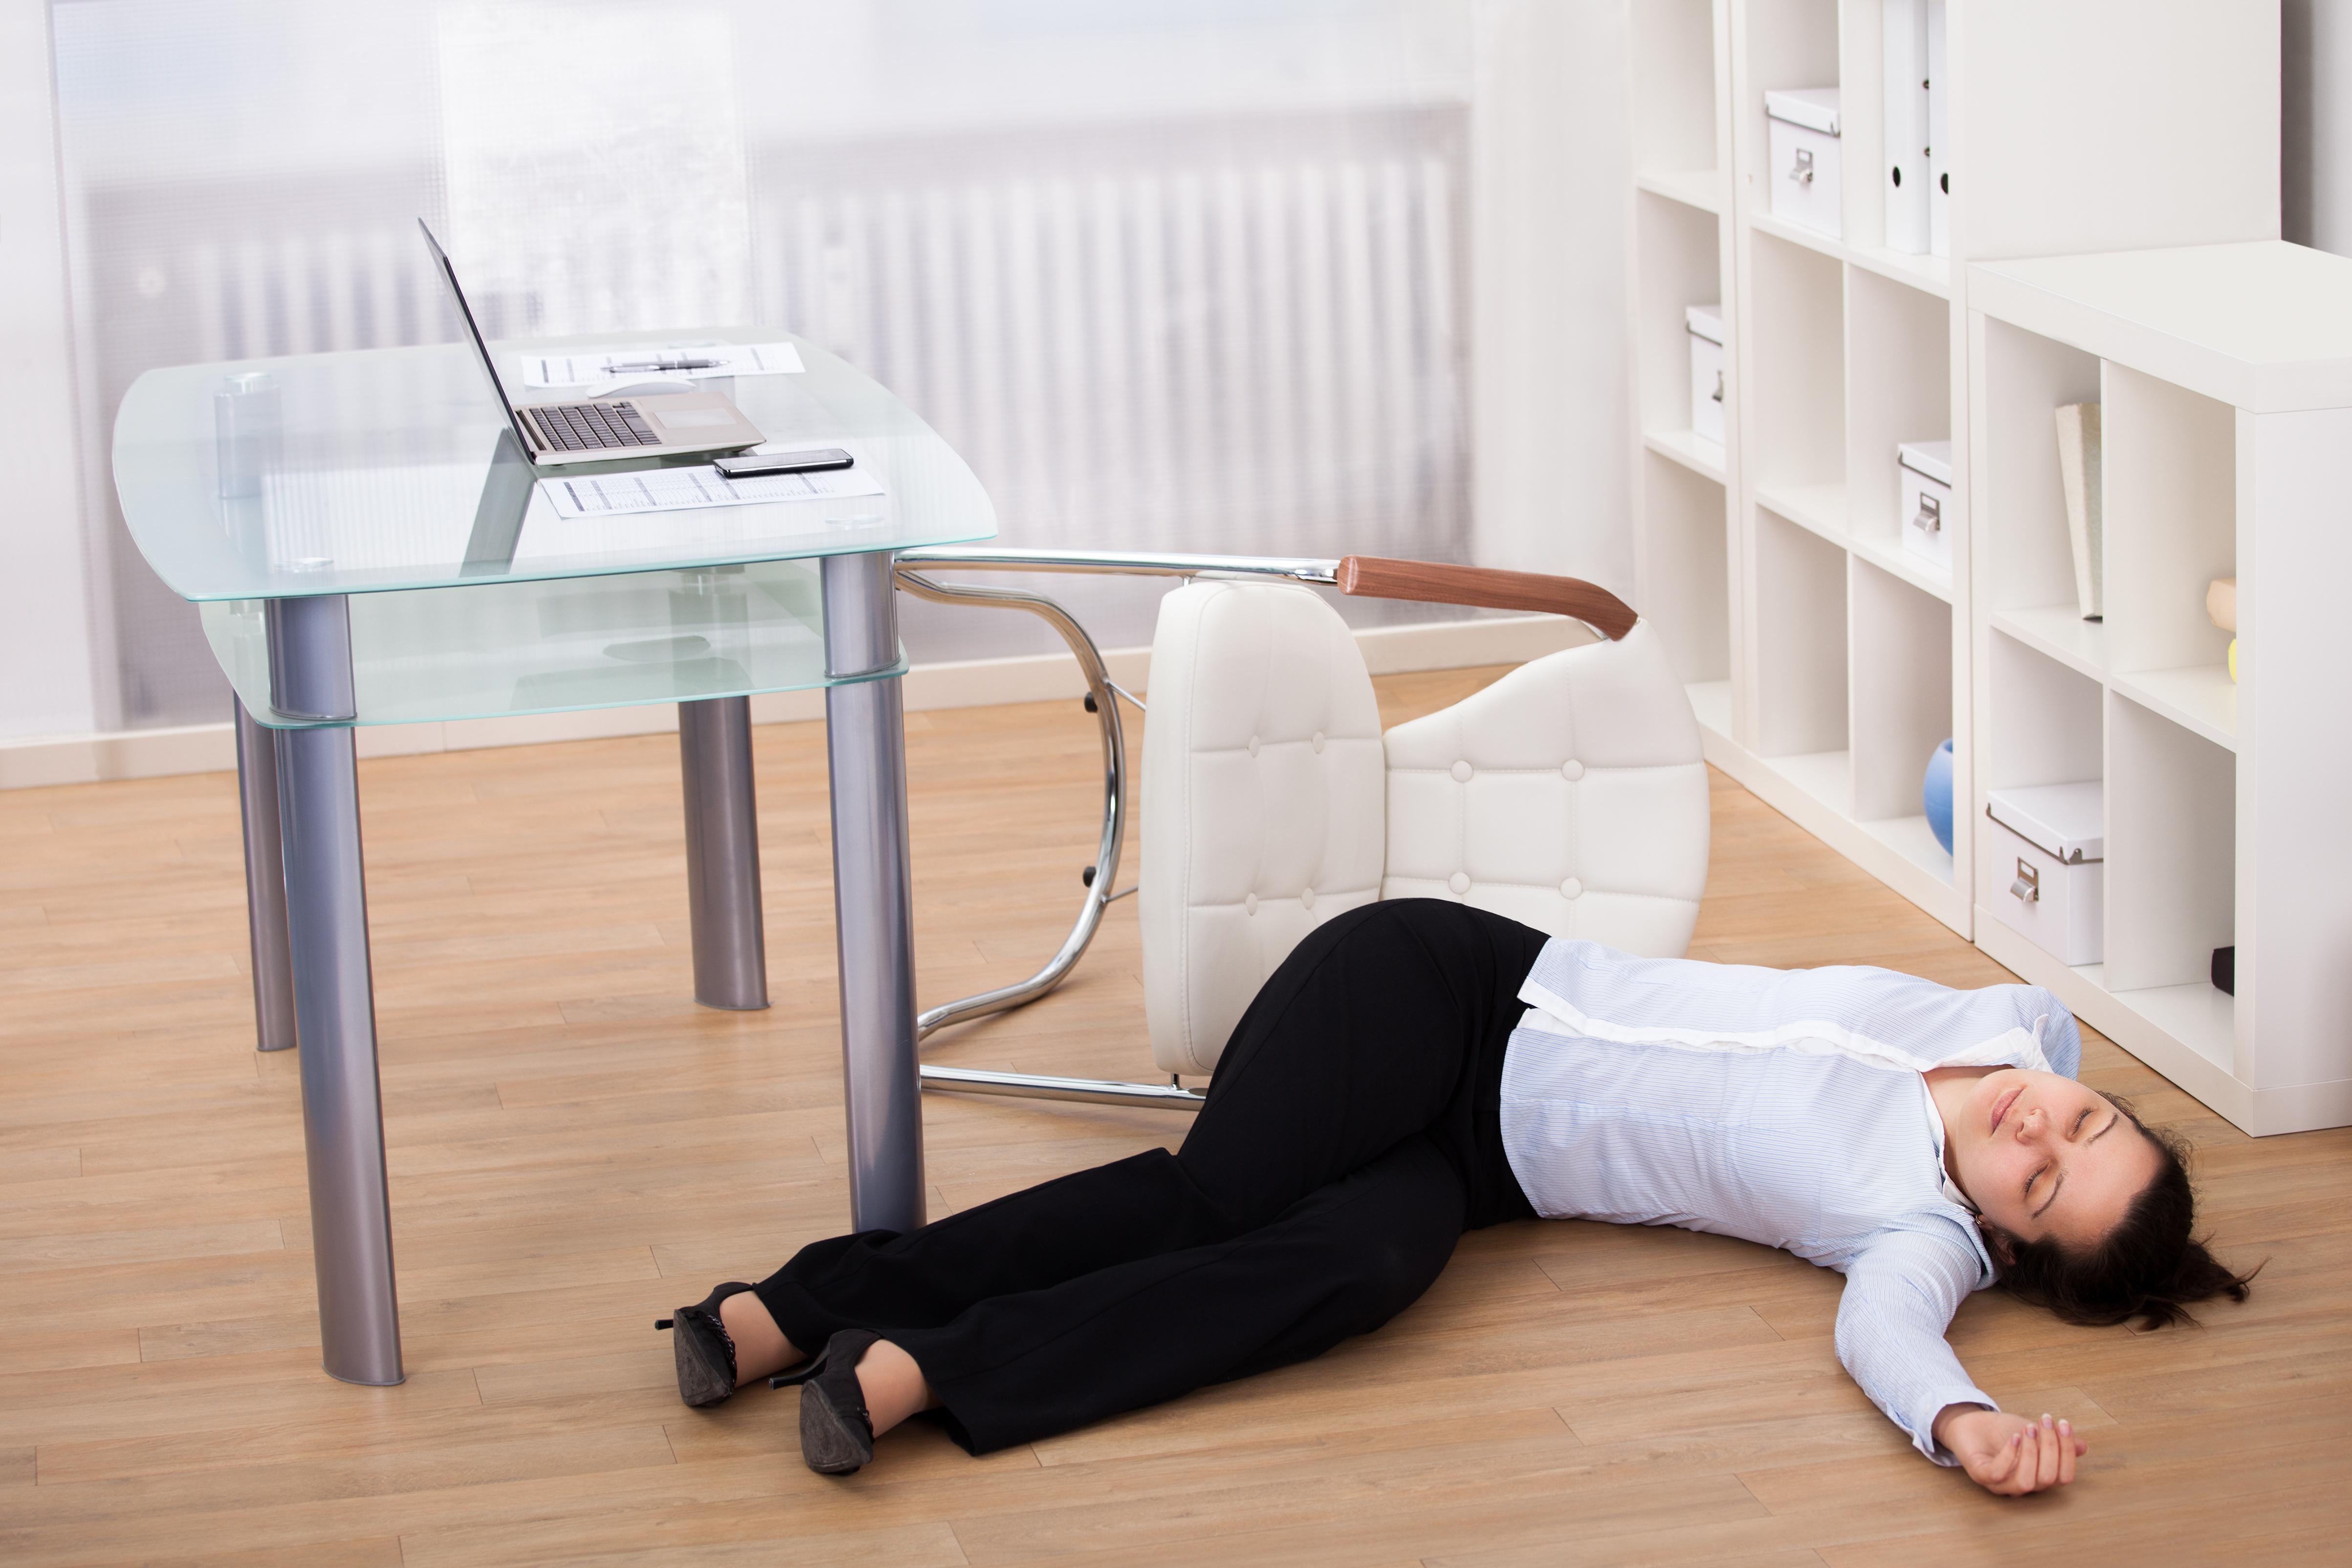 Att svimma är oftast ofarligt, men om en person som svimmat inte vaknar till inom två minuter bör man genast kontakta sjukvården.